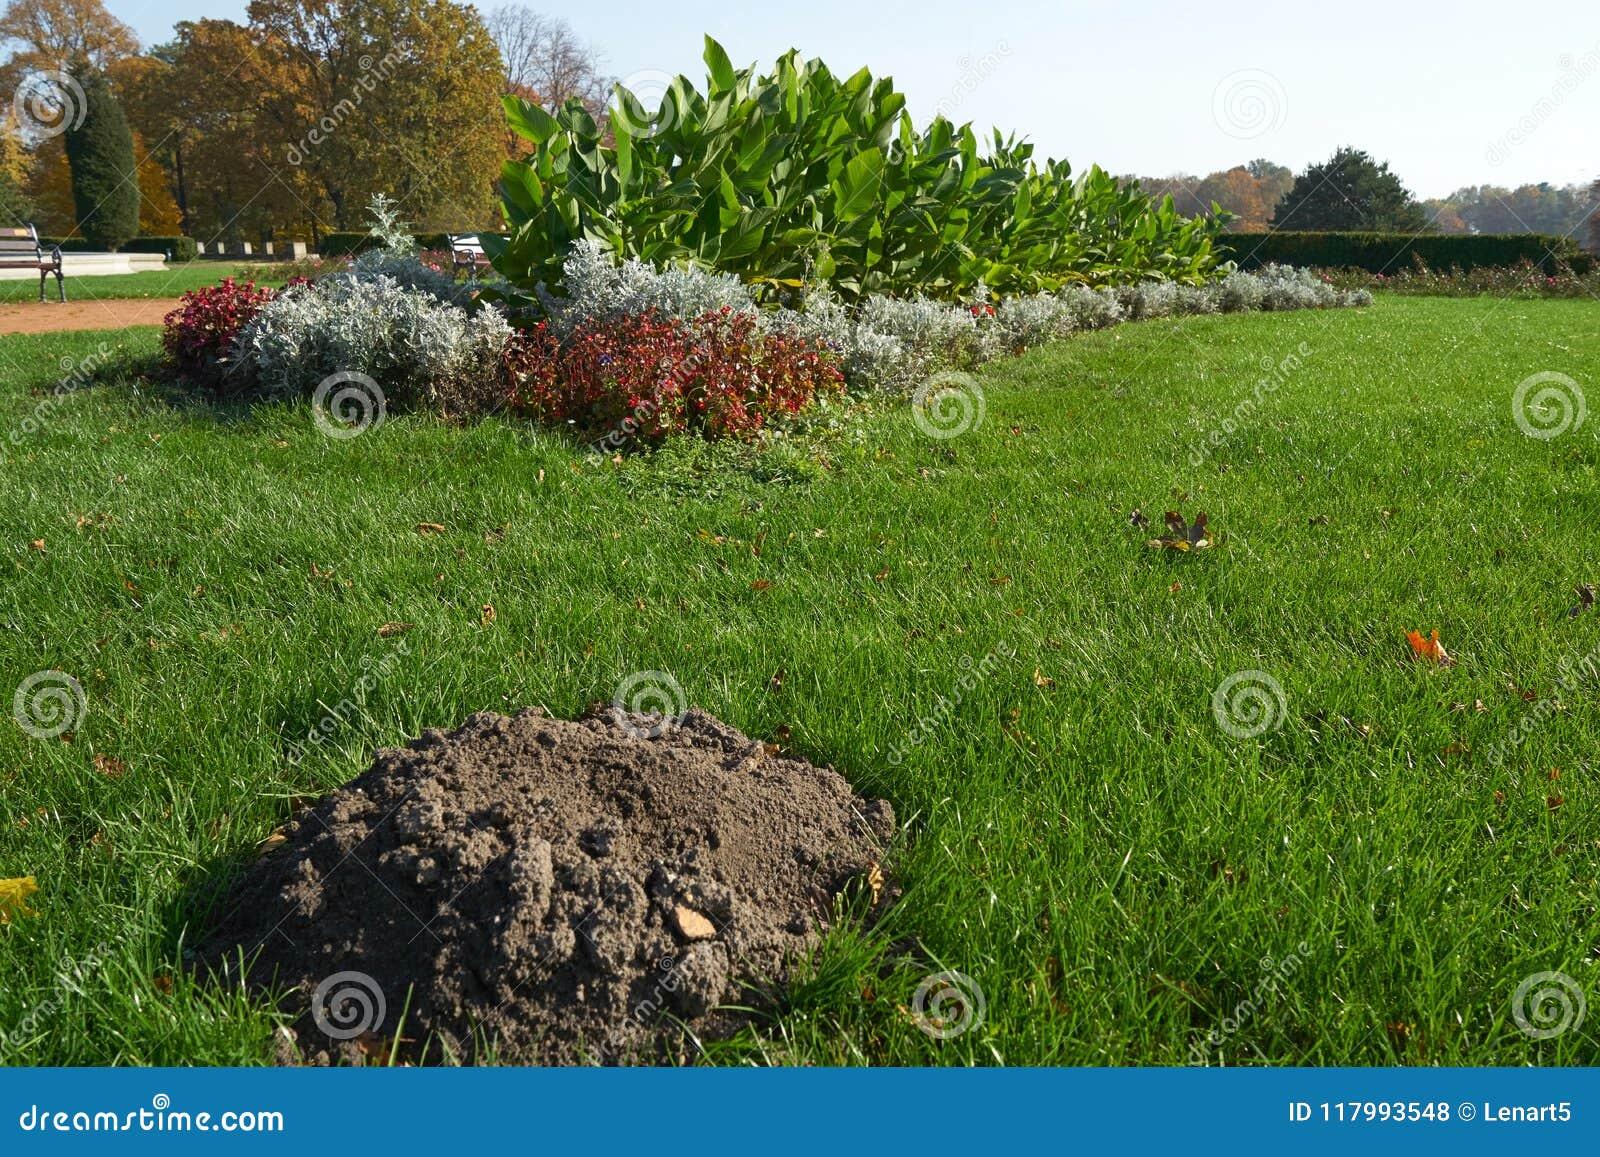 Eine Mole der Mole auf einem gut unterhaltenen Parkrasen